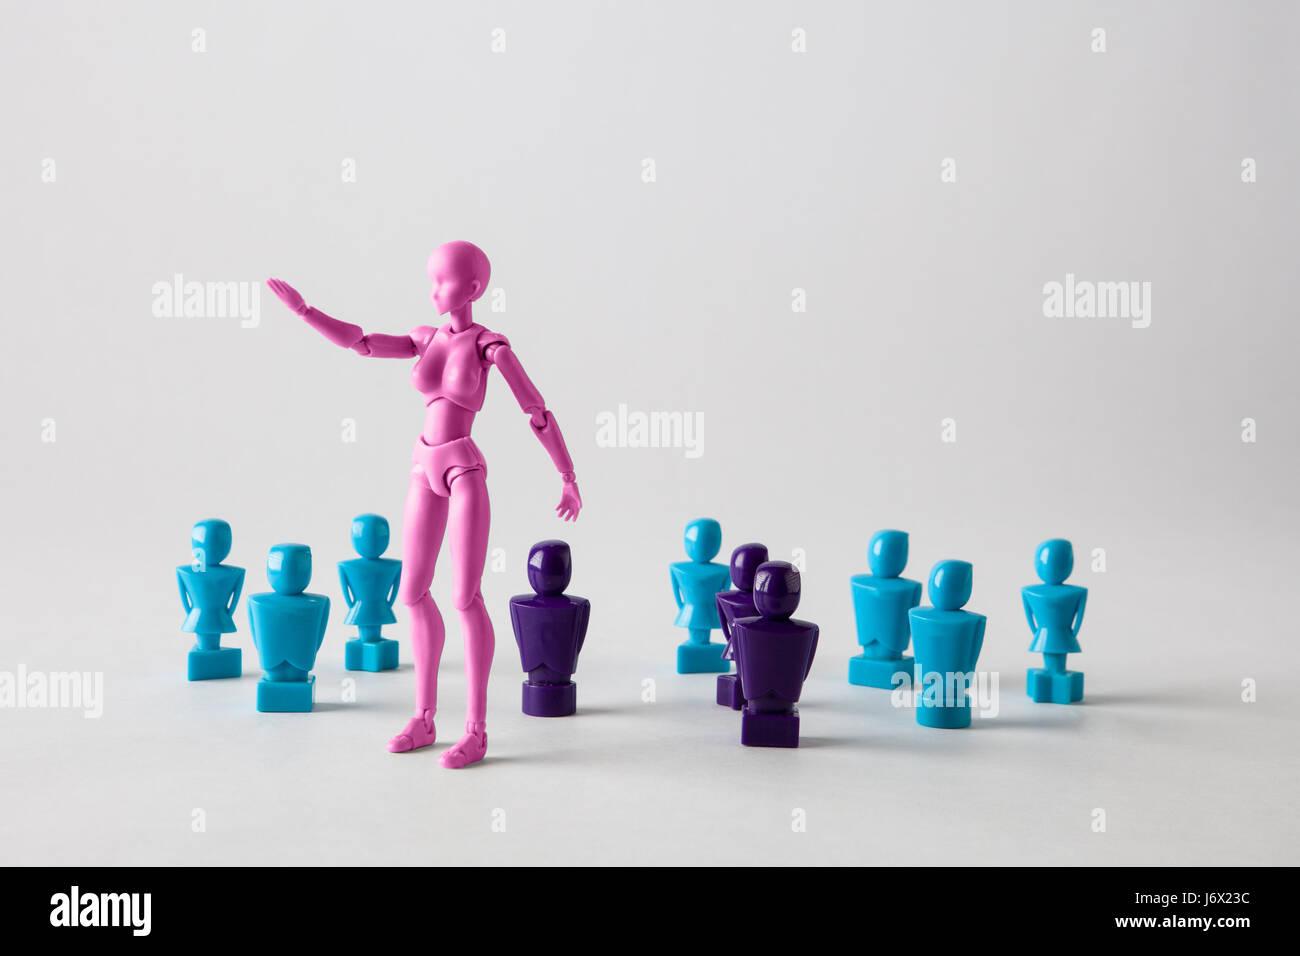 Weibliche Führung Konzept mit männlichen und weiblichen Figuren dargestellt. Isoliert auf weiss mit Textfreiraum Stockbild